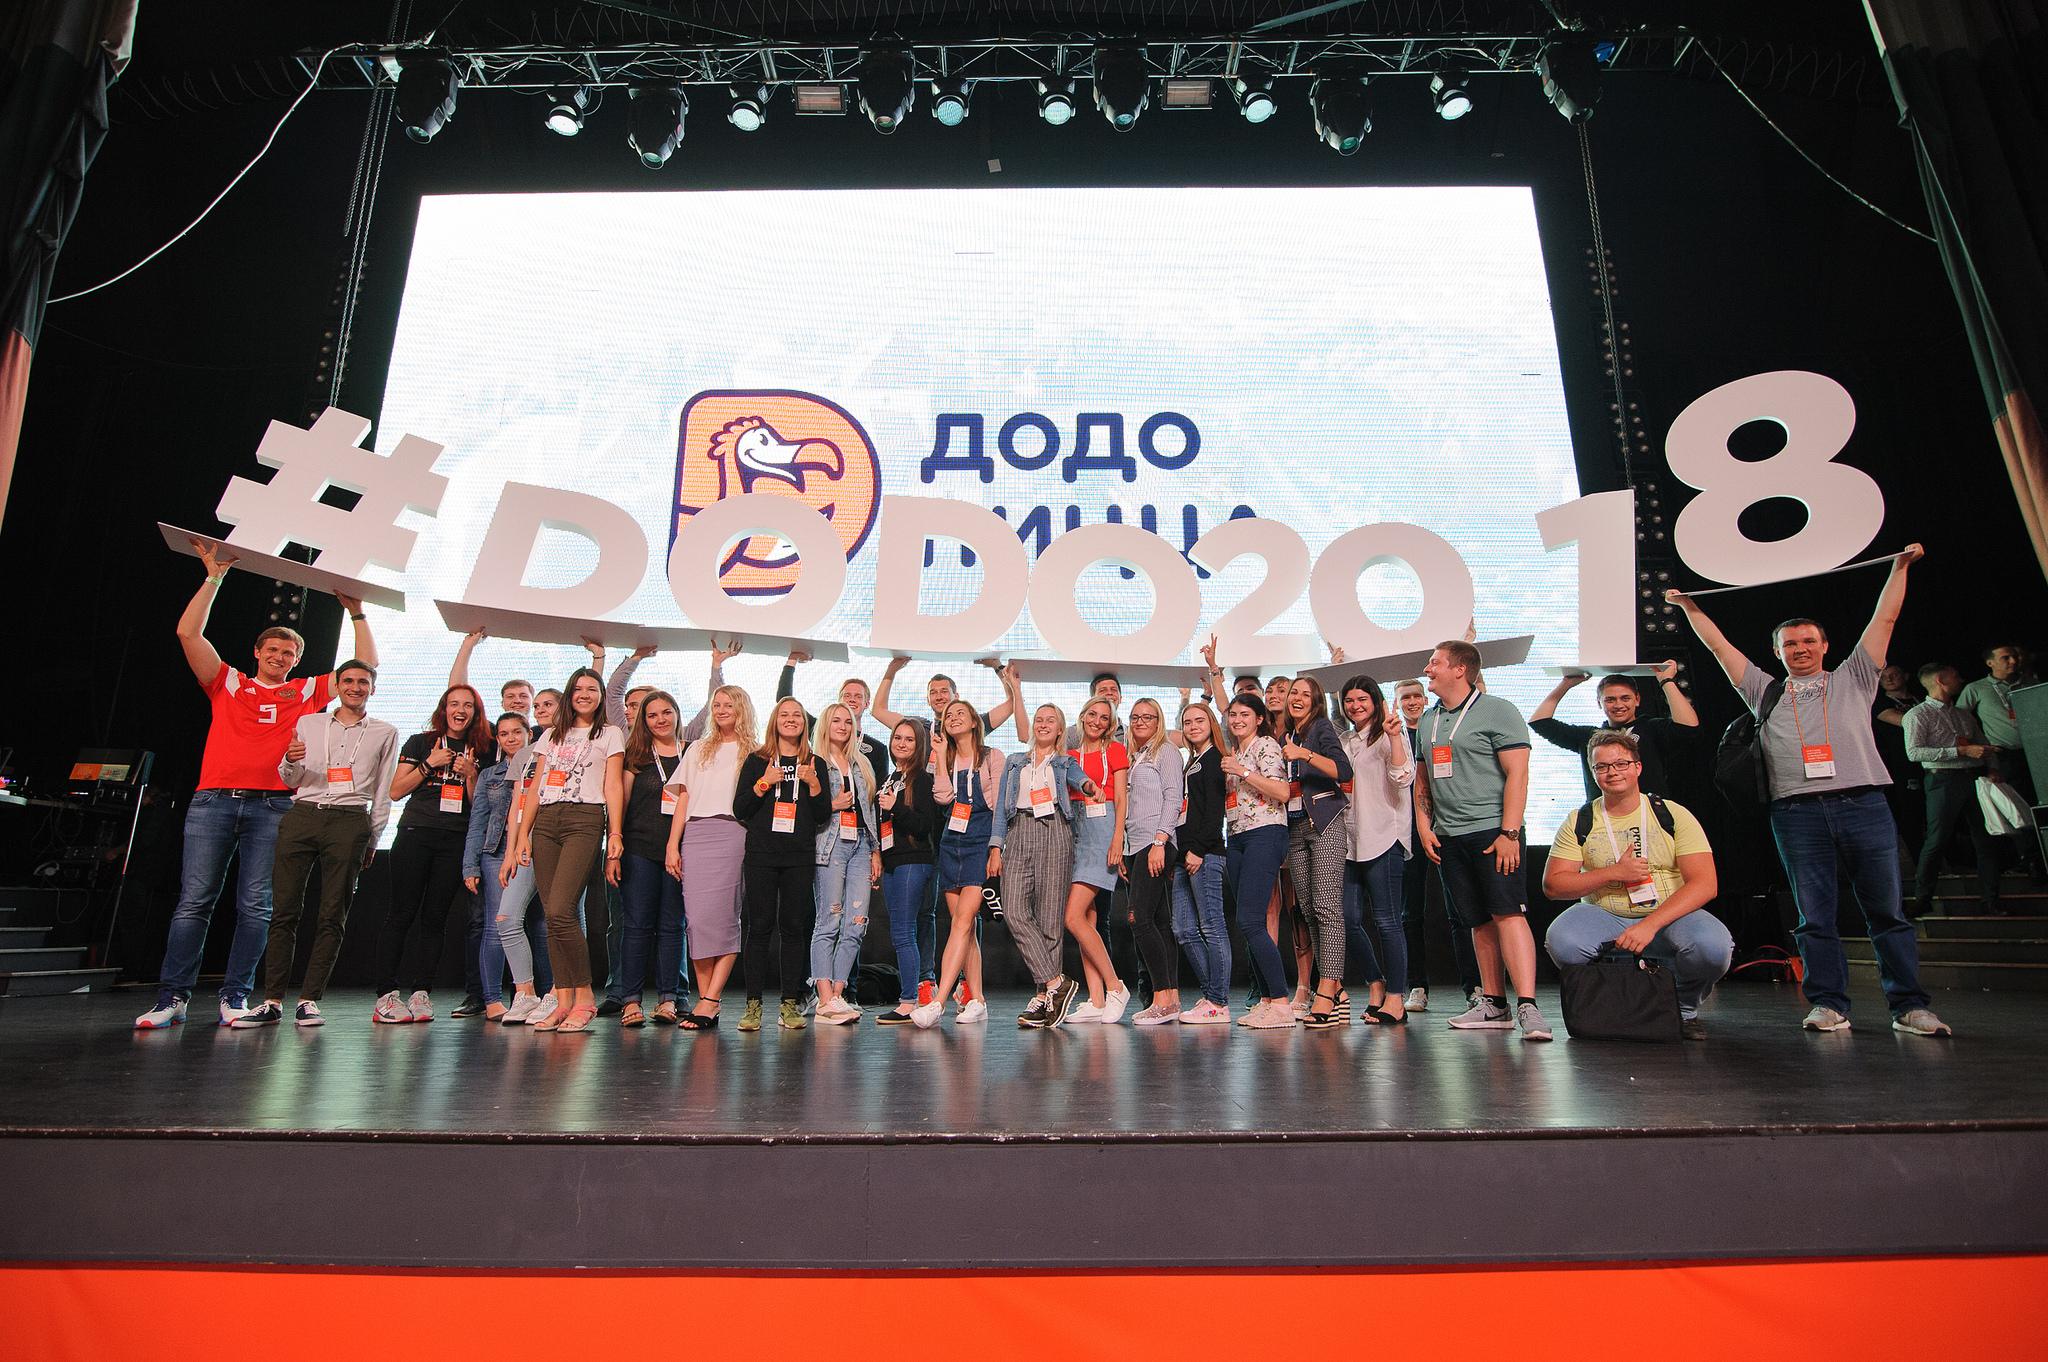 Dodo Pizza Meetup 2018